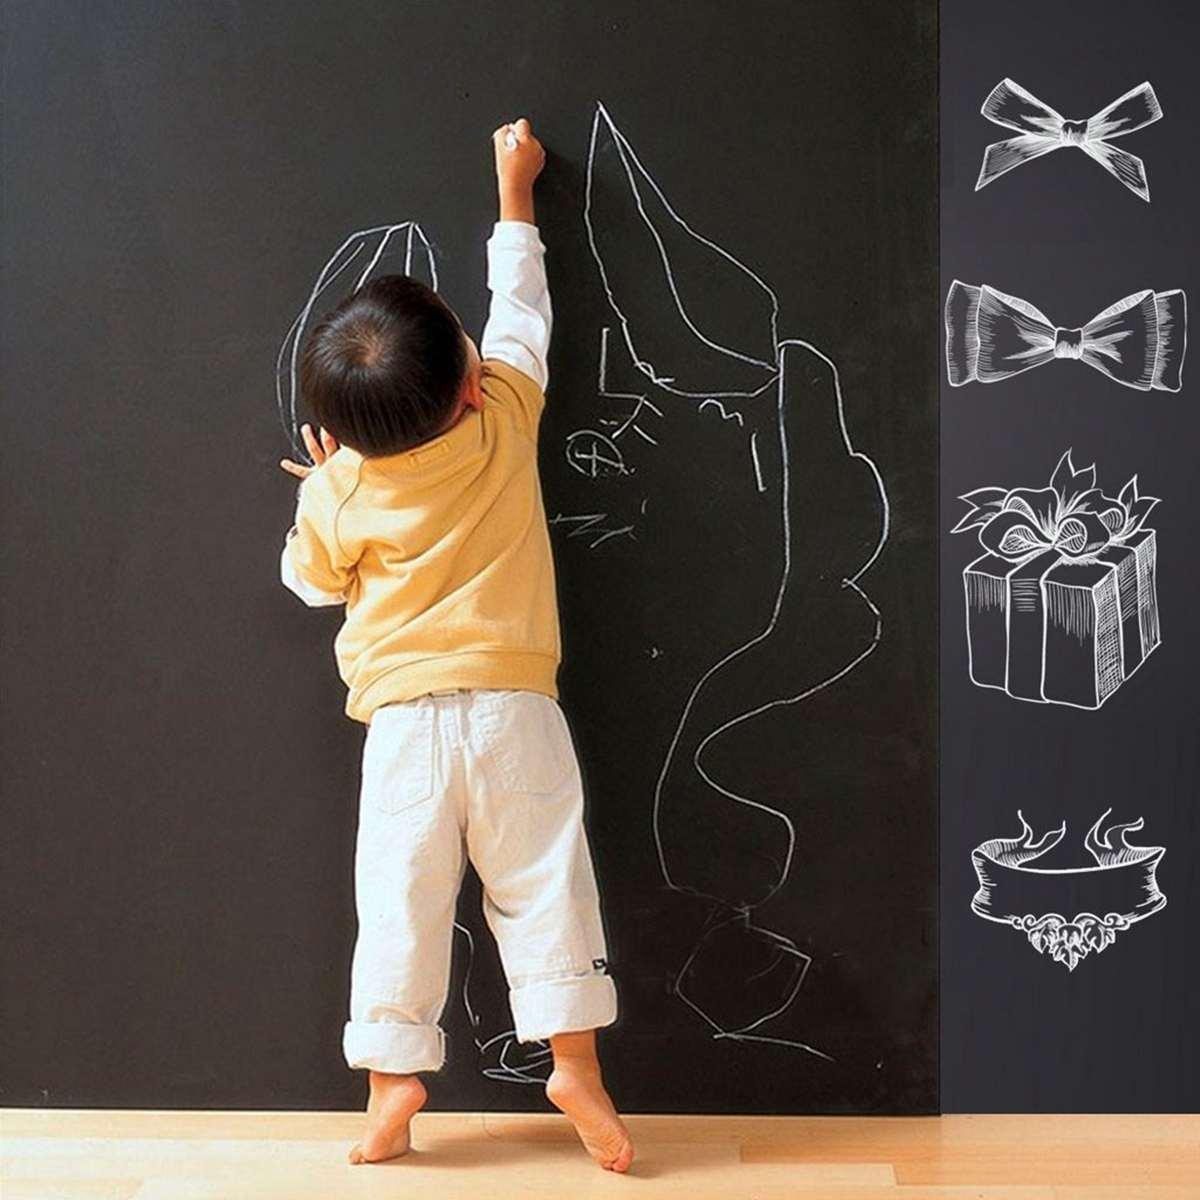 45/60x200cm Kids Blackboard Removable Wall Sticker Chalkboard Decal Children Blackboard Chalkboard Sticker Label For Boy Girls